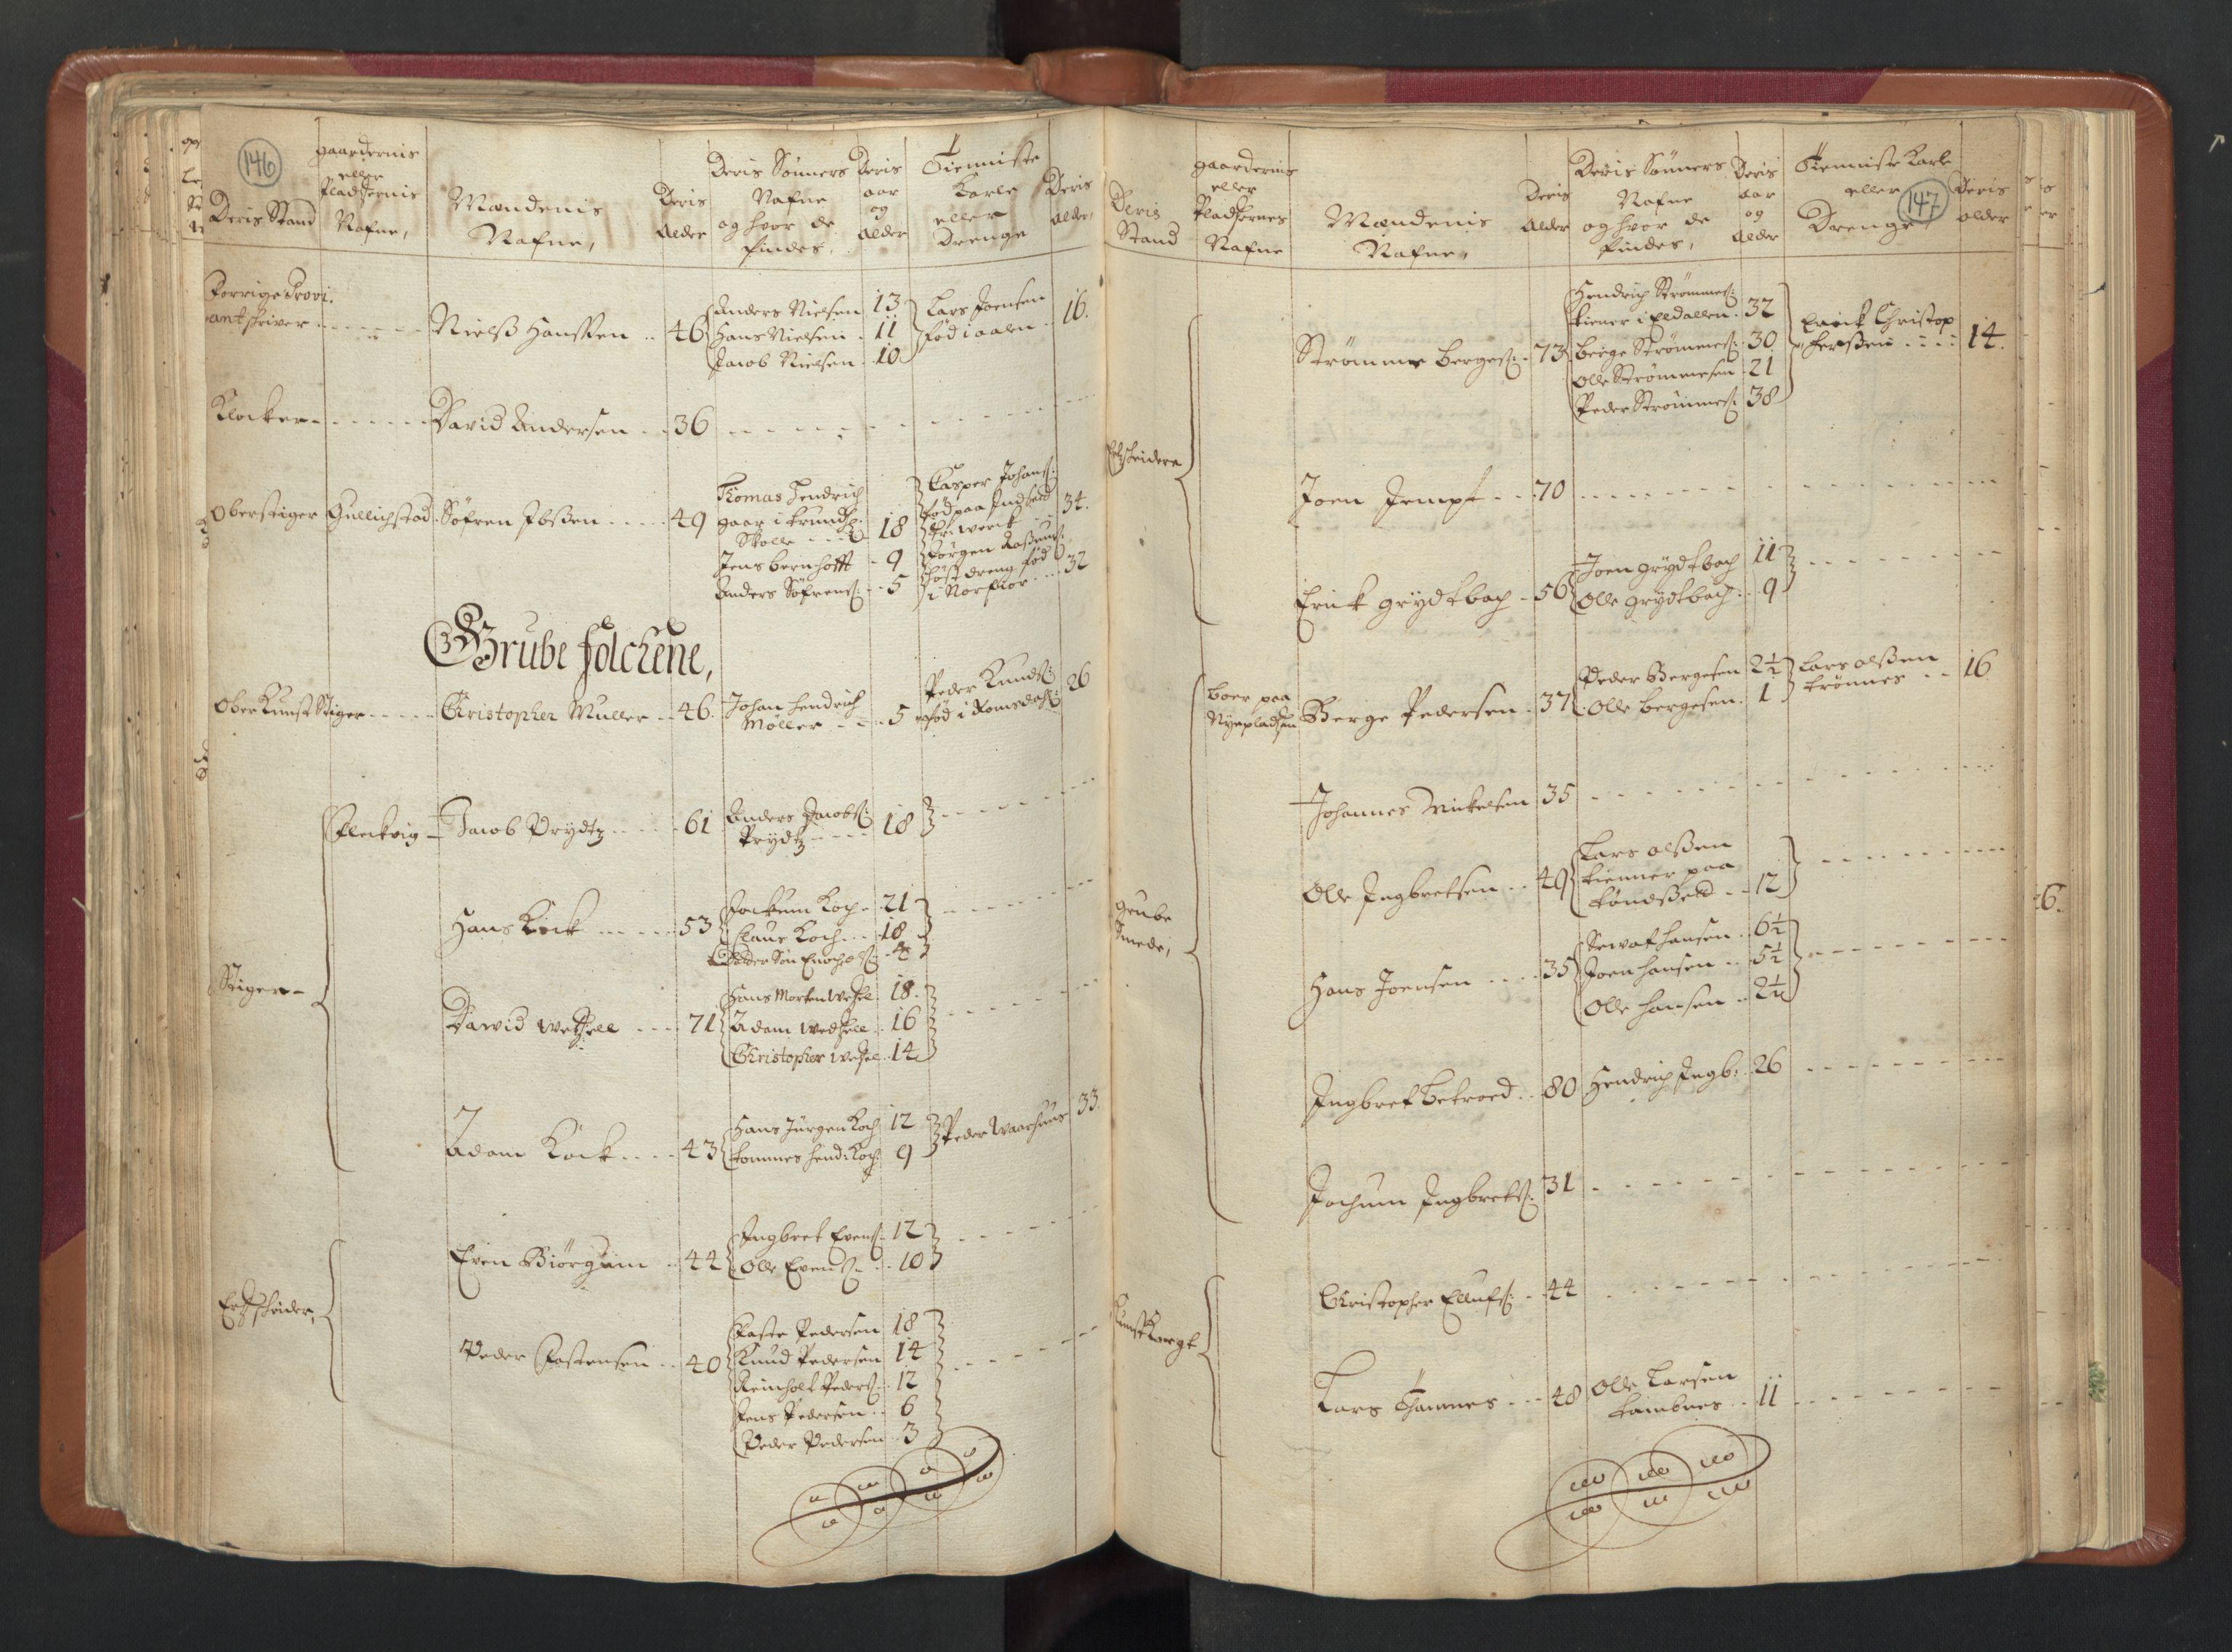 RA, Manntallet 1701, nr. 13: Orkdal fogderi og Gauldal fogderi med Røros kobberverk, 1701, s. 146-147